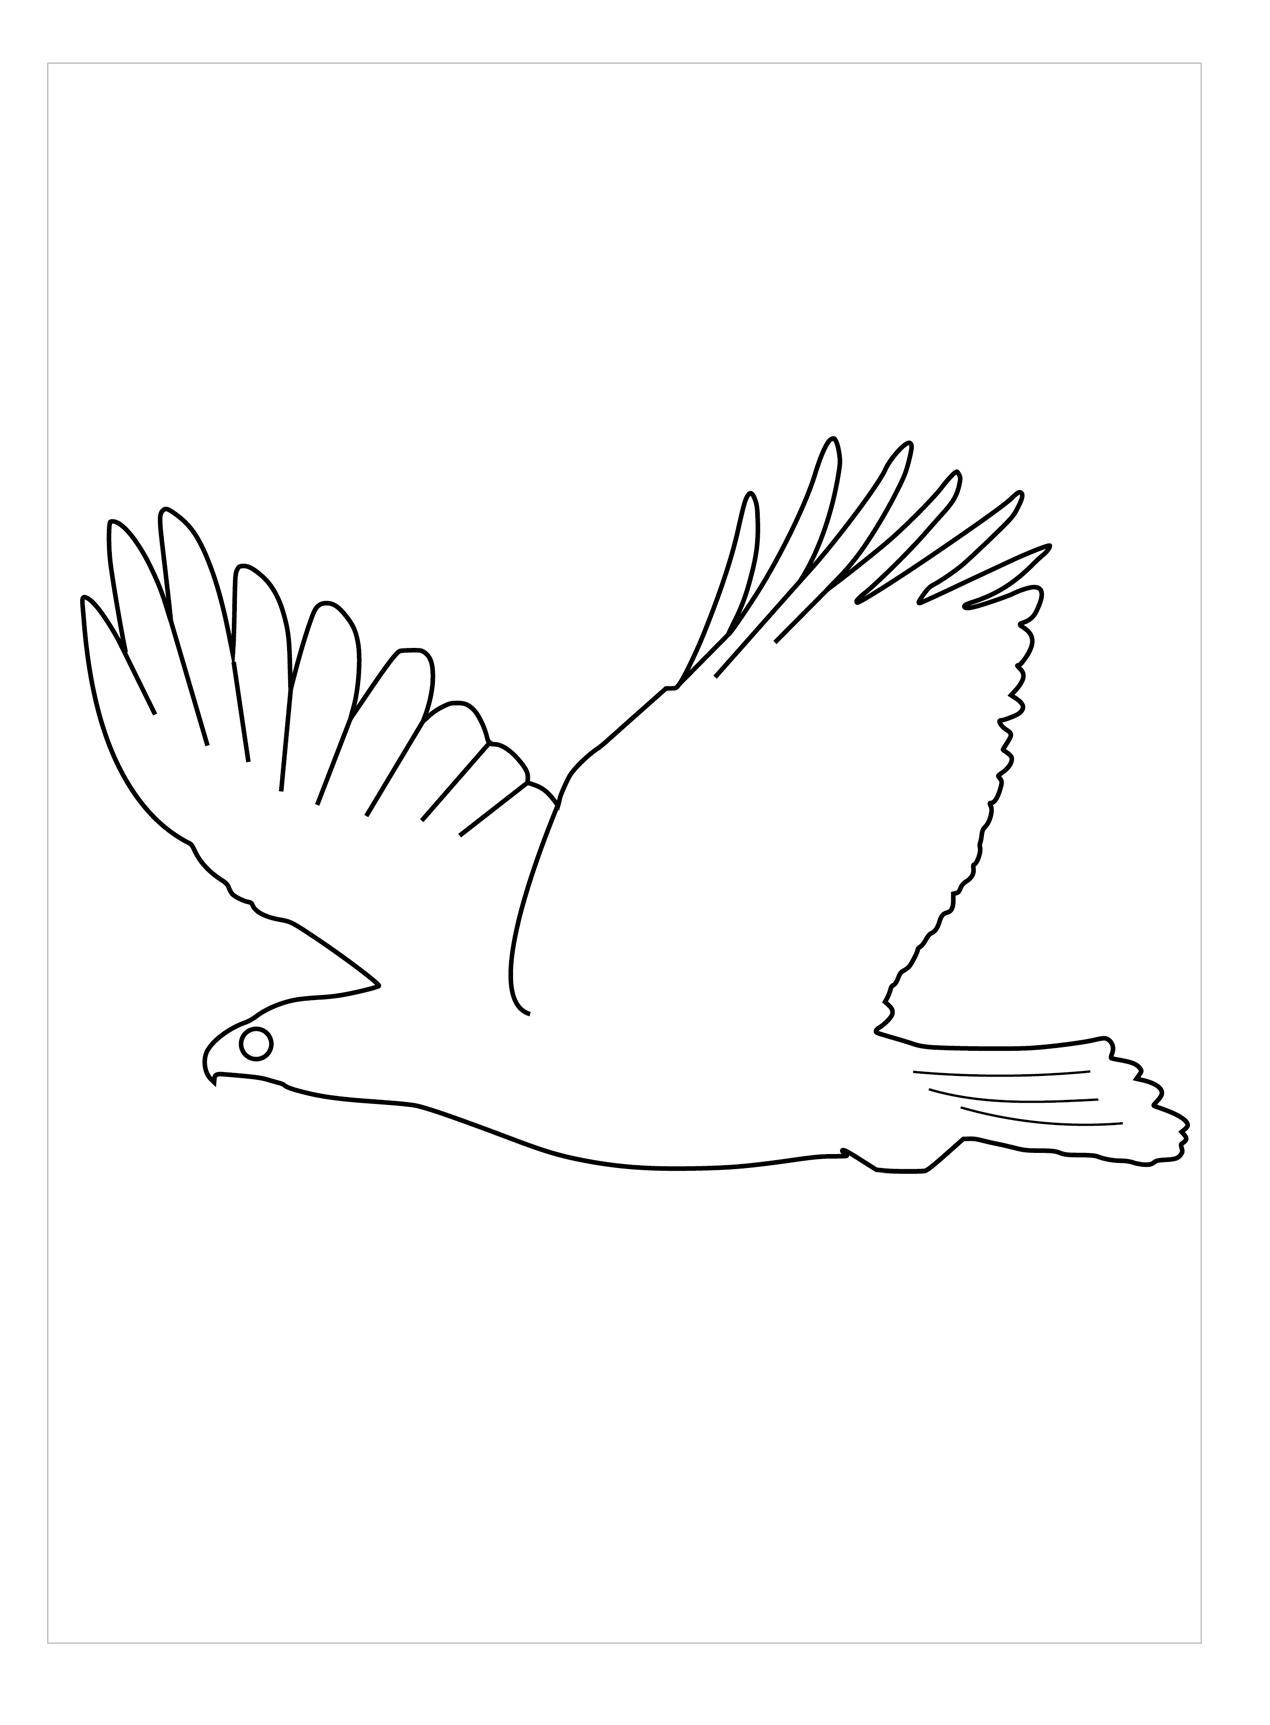 Mẫu tranh tô màu con chim đẹp